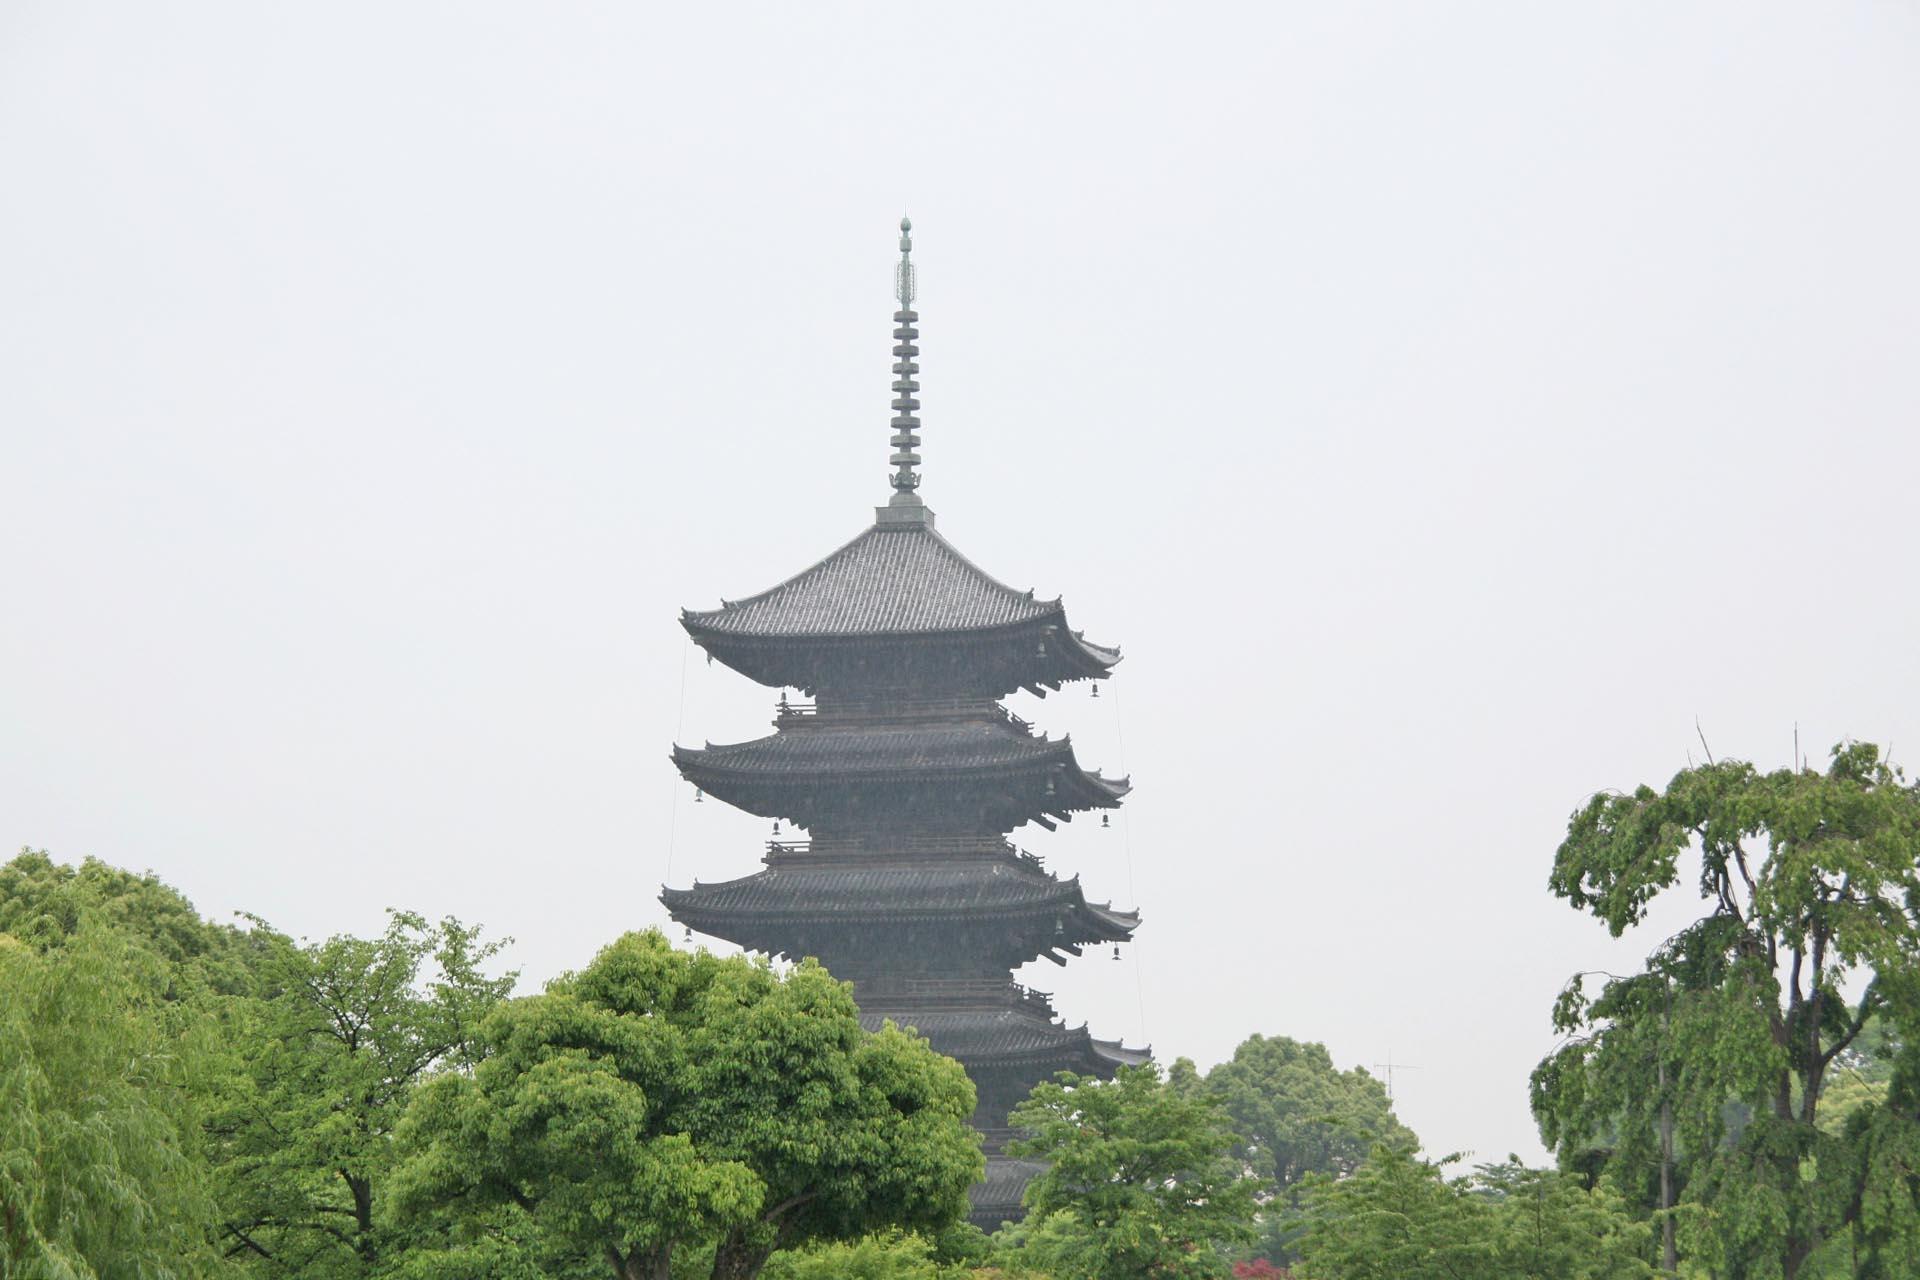 雨の中の東寺 京都の風景